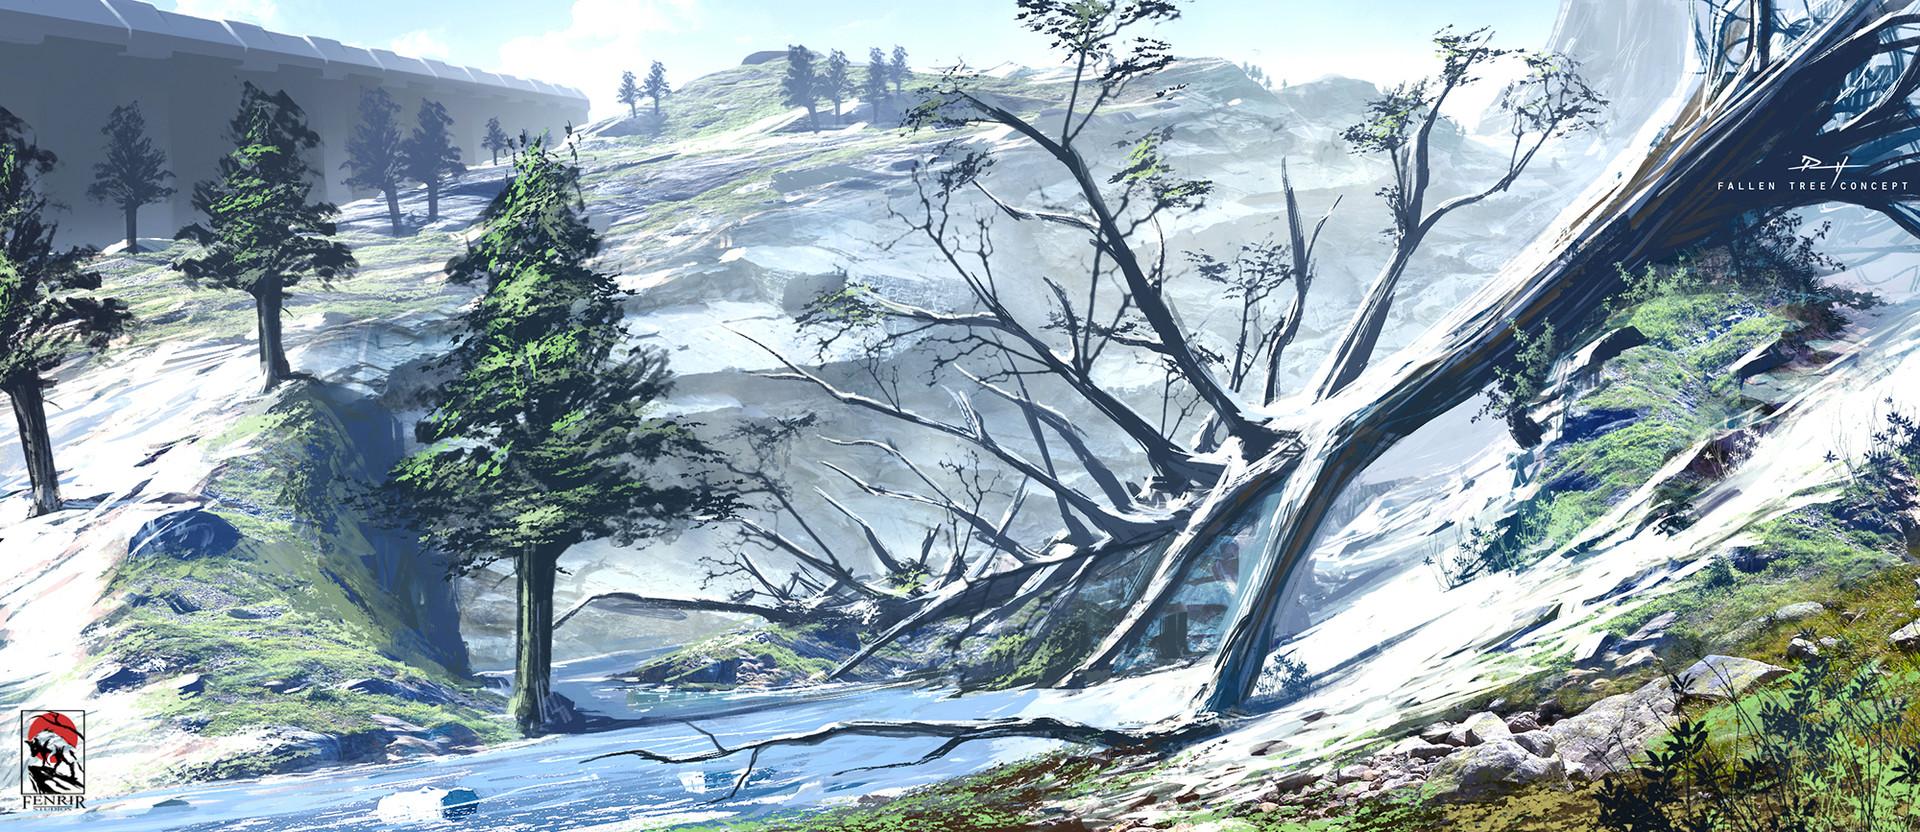 Daniel pellow fallen tree2